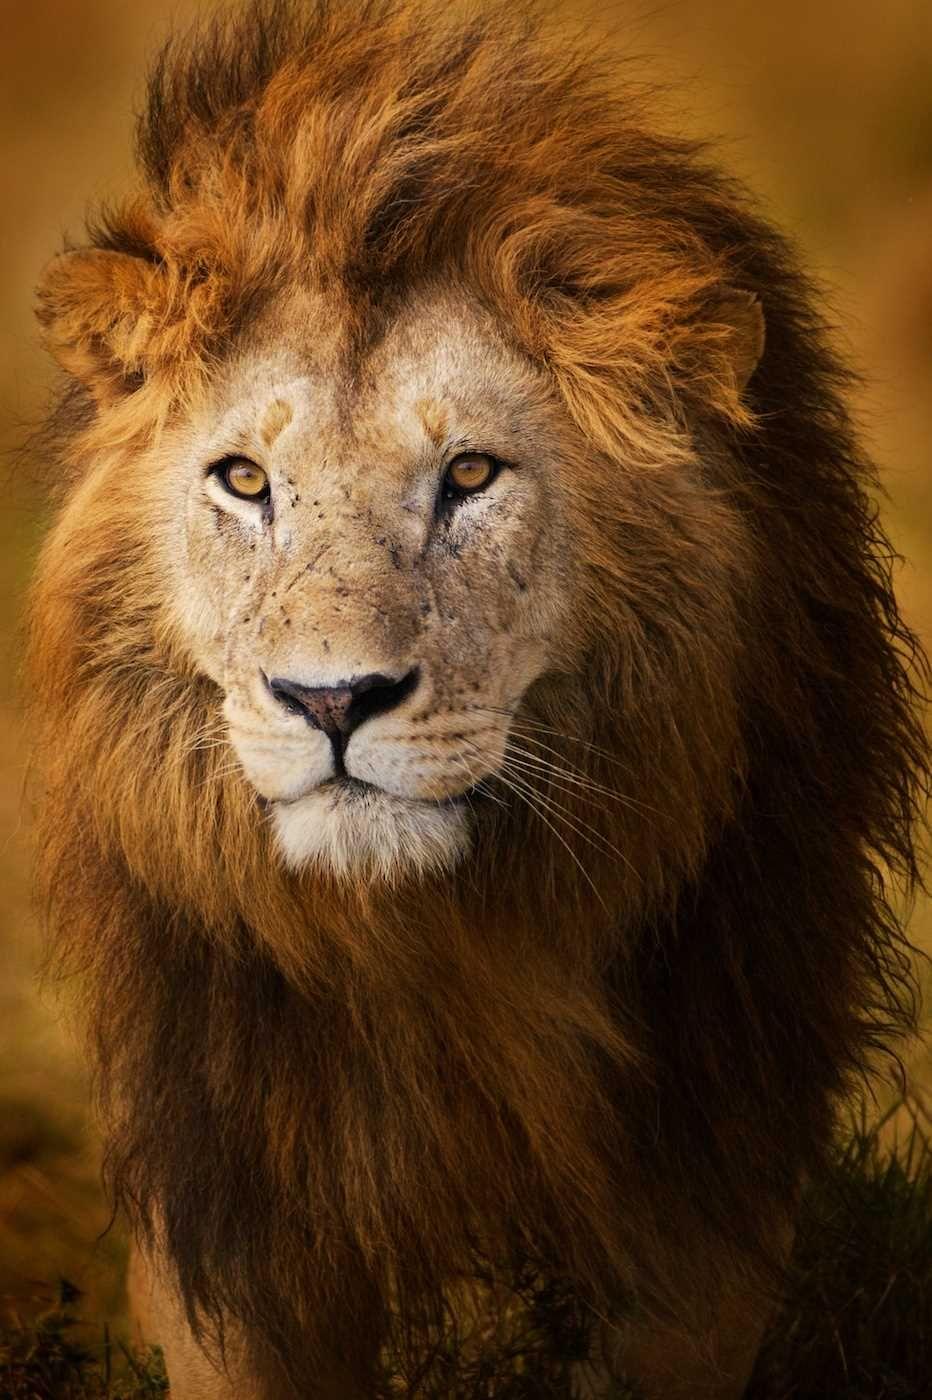 качественное фото львов встречается